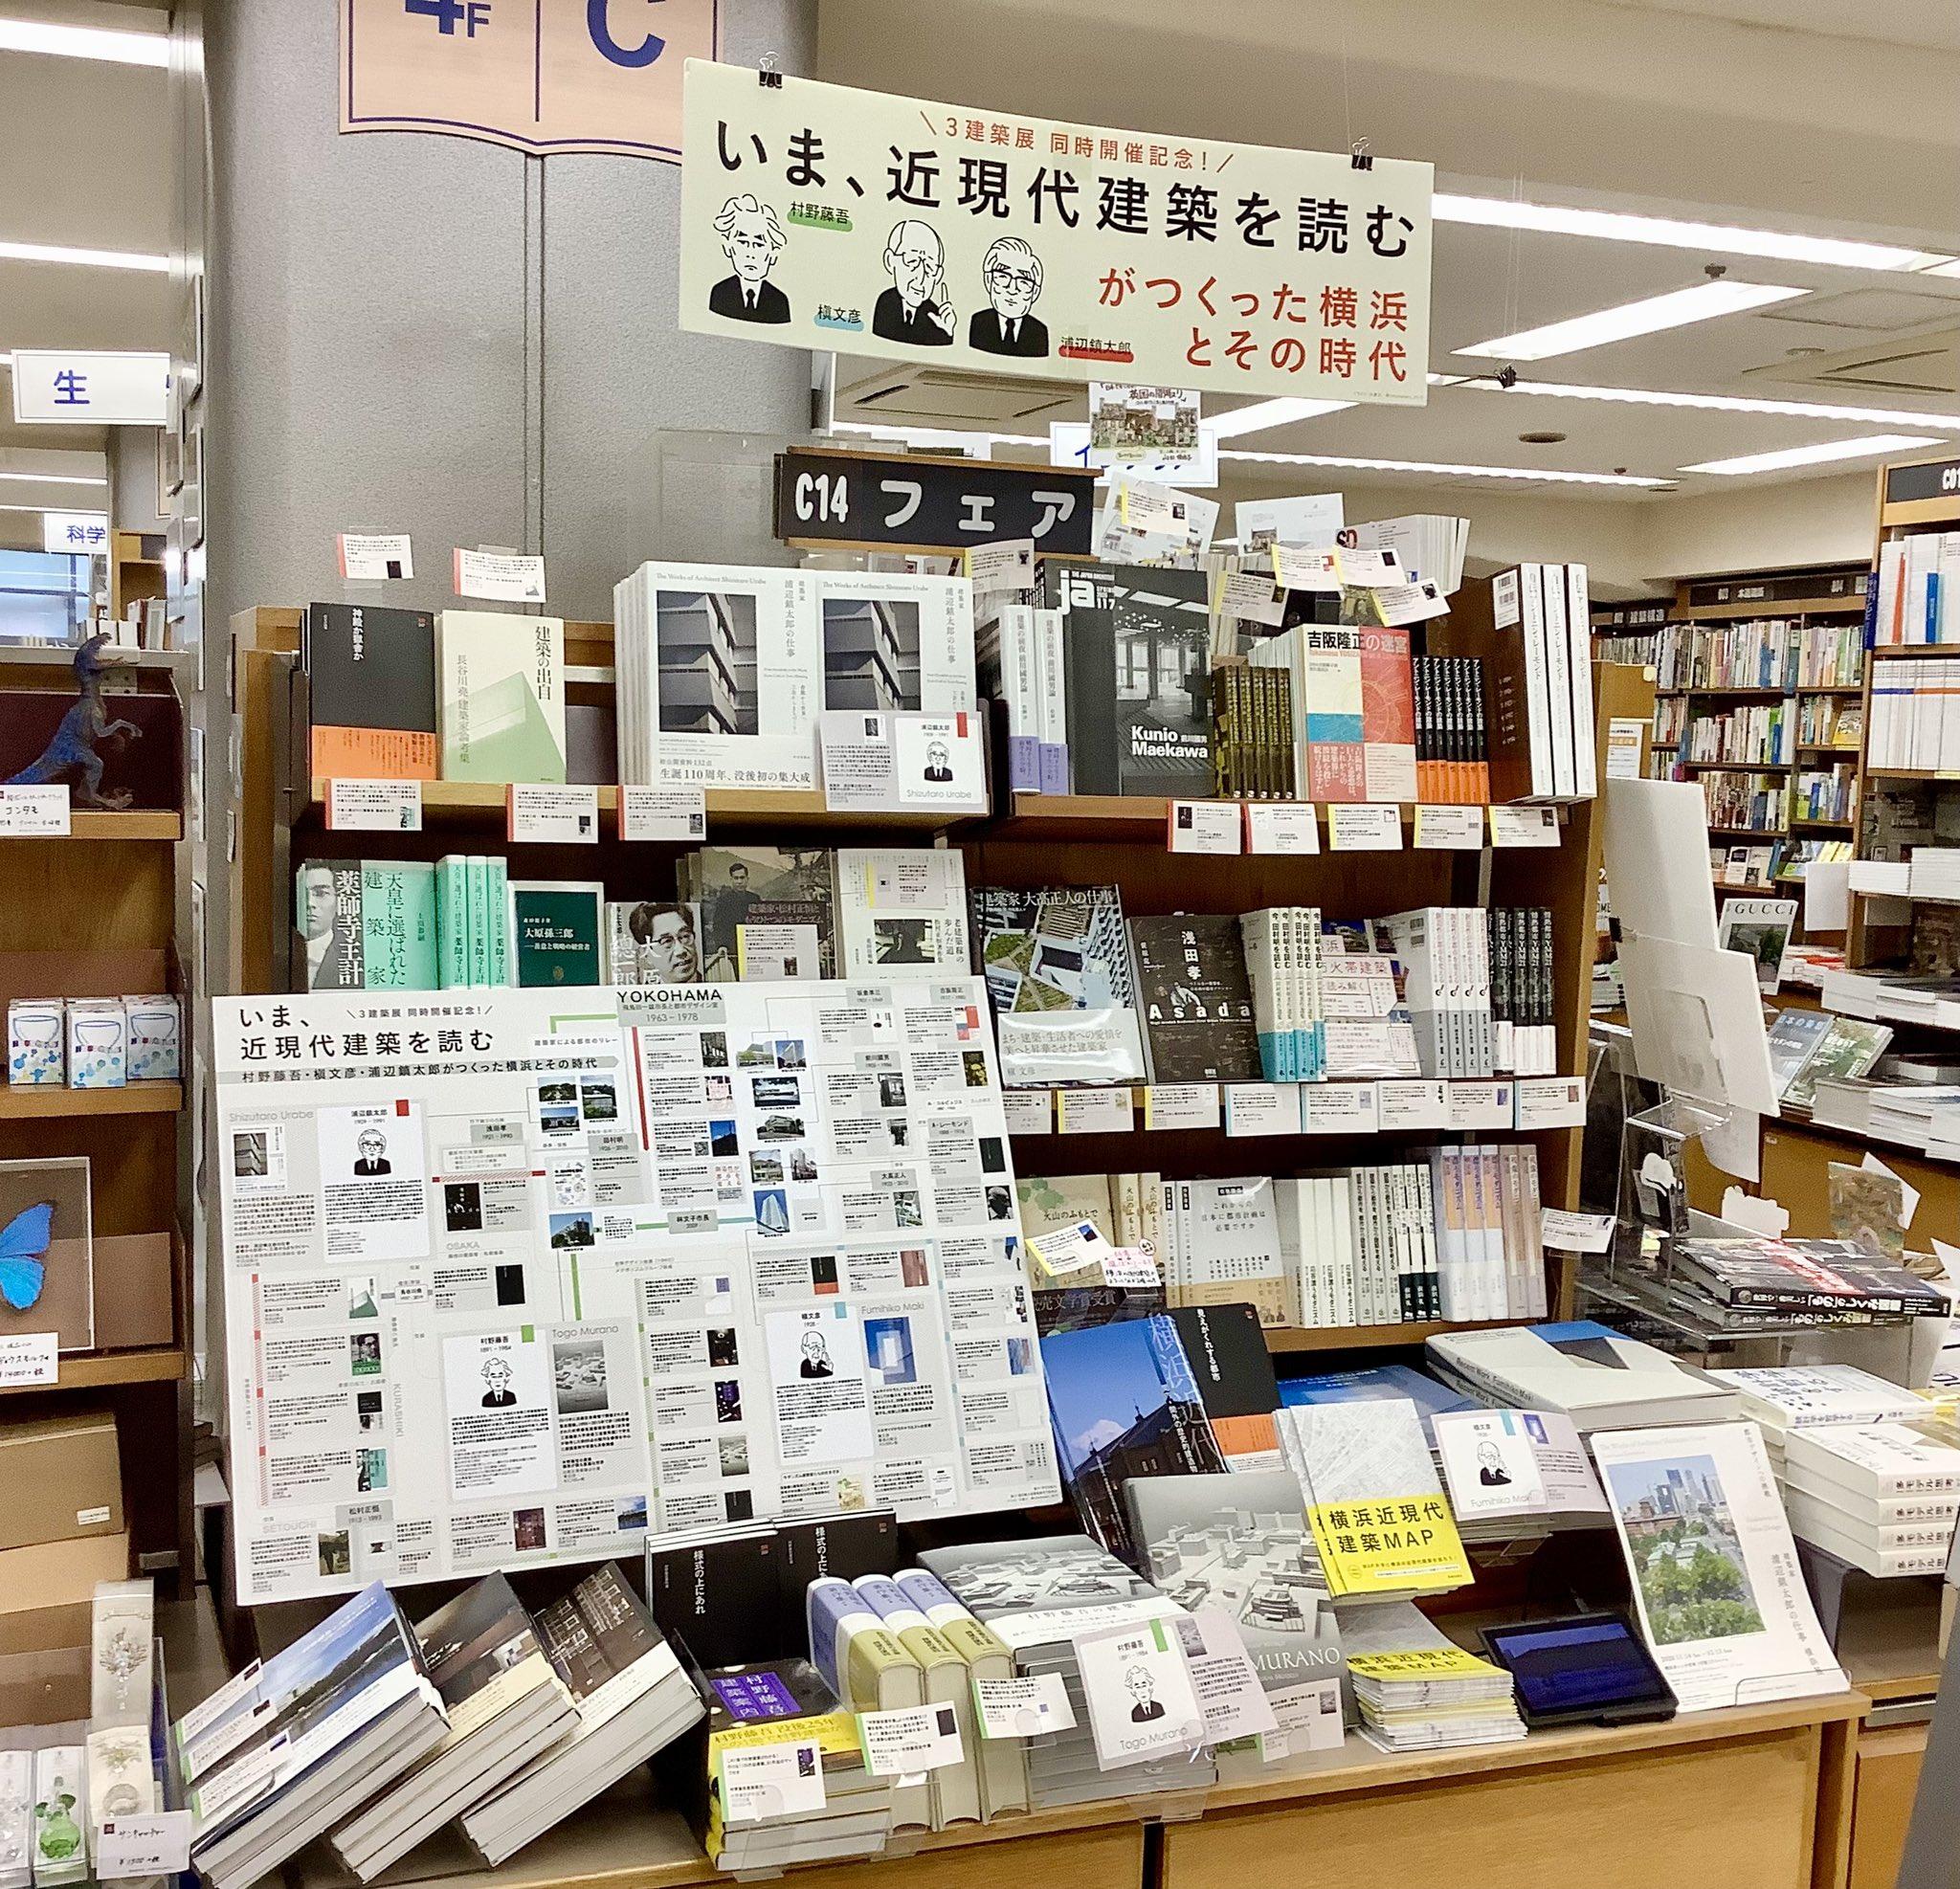 紀伊國屋書店:【4階フェア】学芸出版社企画「いま、近現代建築を読む」